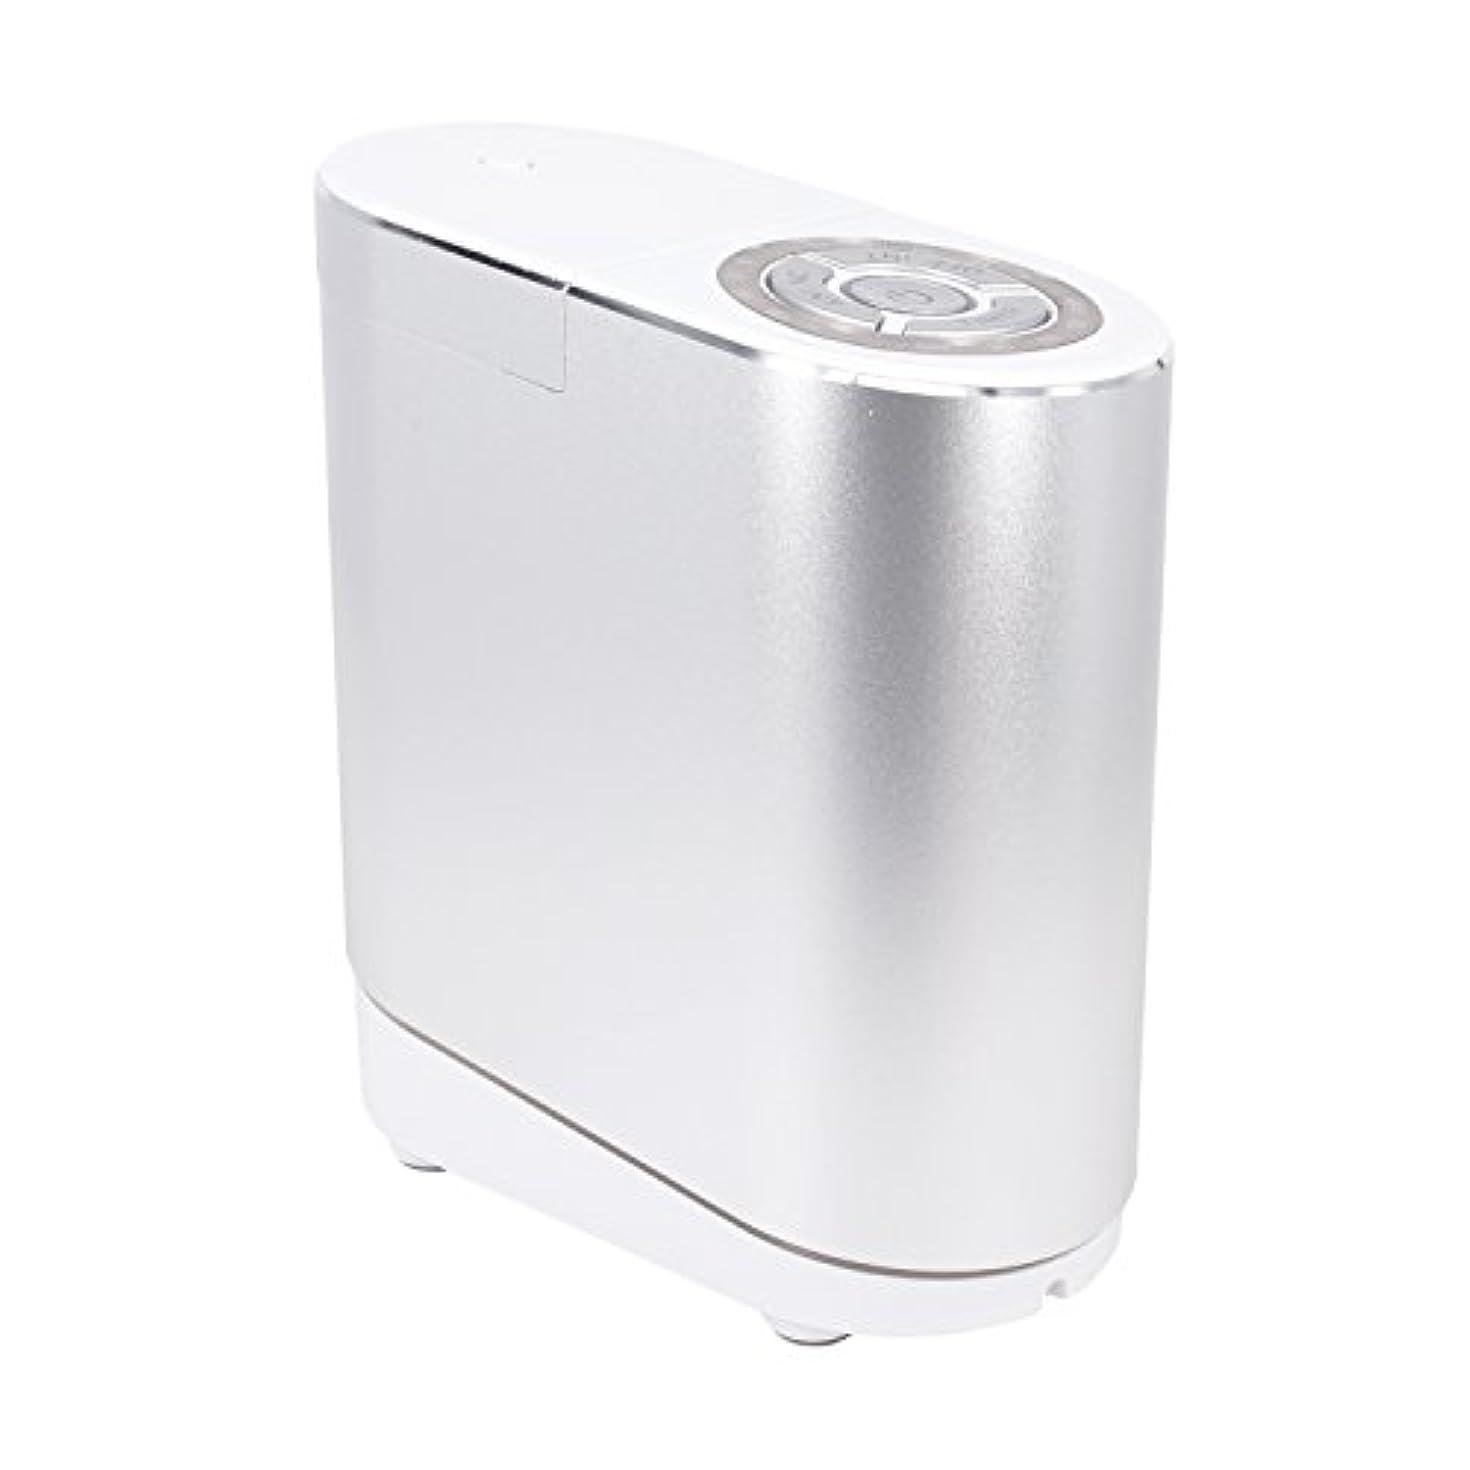 伝導率支給等LNSTUDIO アロマディフューザー ネブライザー式 2個30ML専用精油瓶付き アロマ芳香器 タイマー機能付 ミスト量調整可